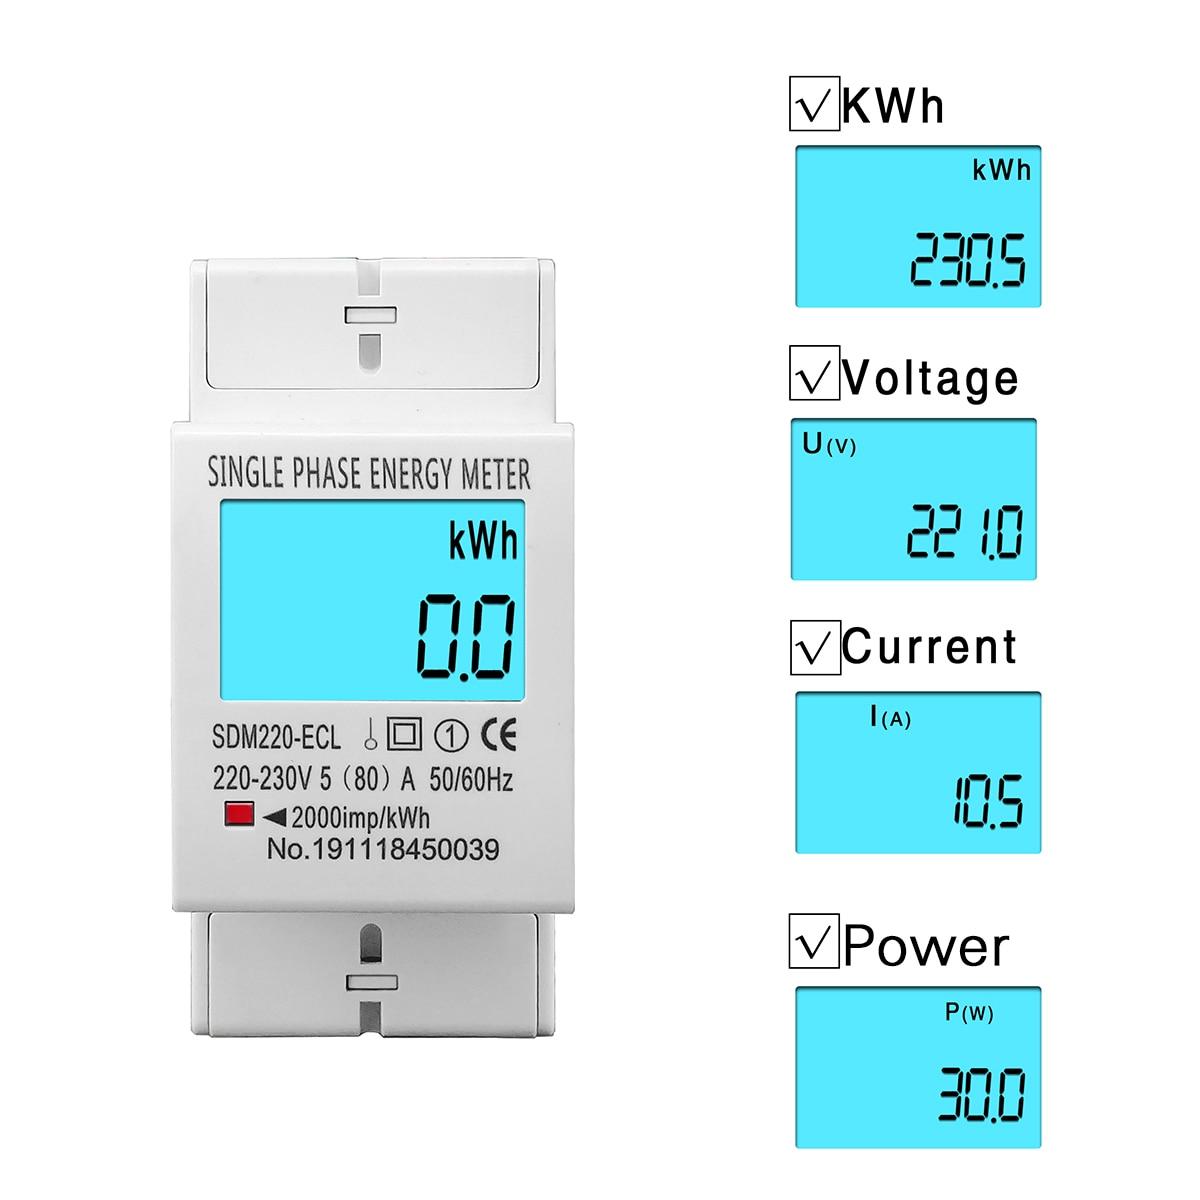 80A carril Din monofásico dos cables LCD pantalla Digital consumo de energía medidor eléctrico kWh AC 220V 230V 50Hz/60Hz Transformadores AC DC 220V a 12V 24 V fuente de alimentación transformadores de alimentación 220V a 12V 24 V fuente de alimentación 12 24 V impermeable al aire libre